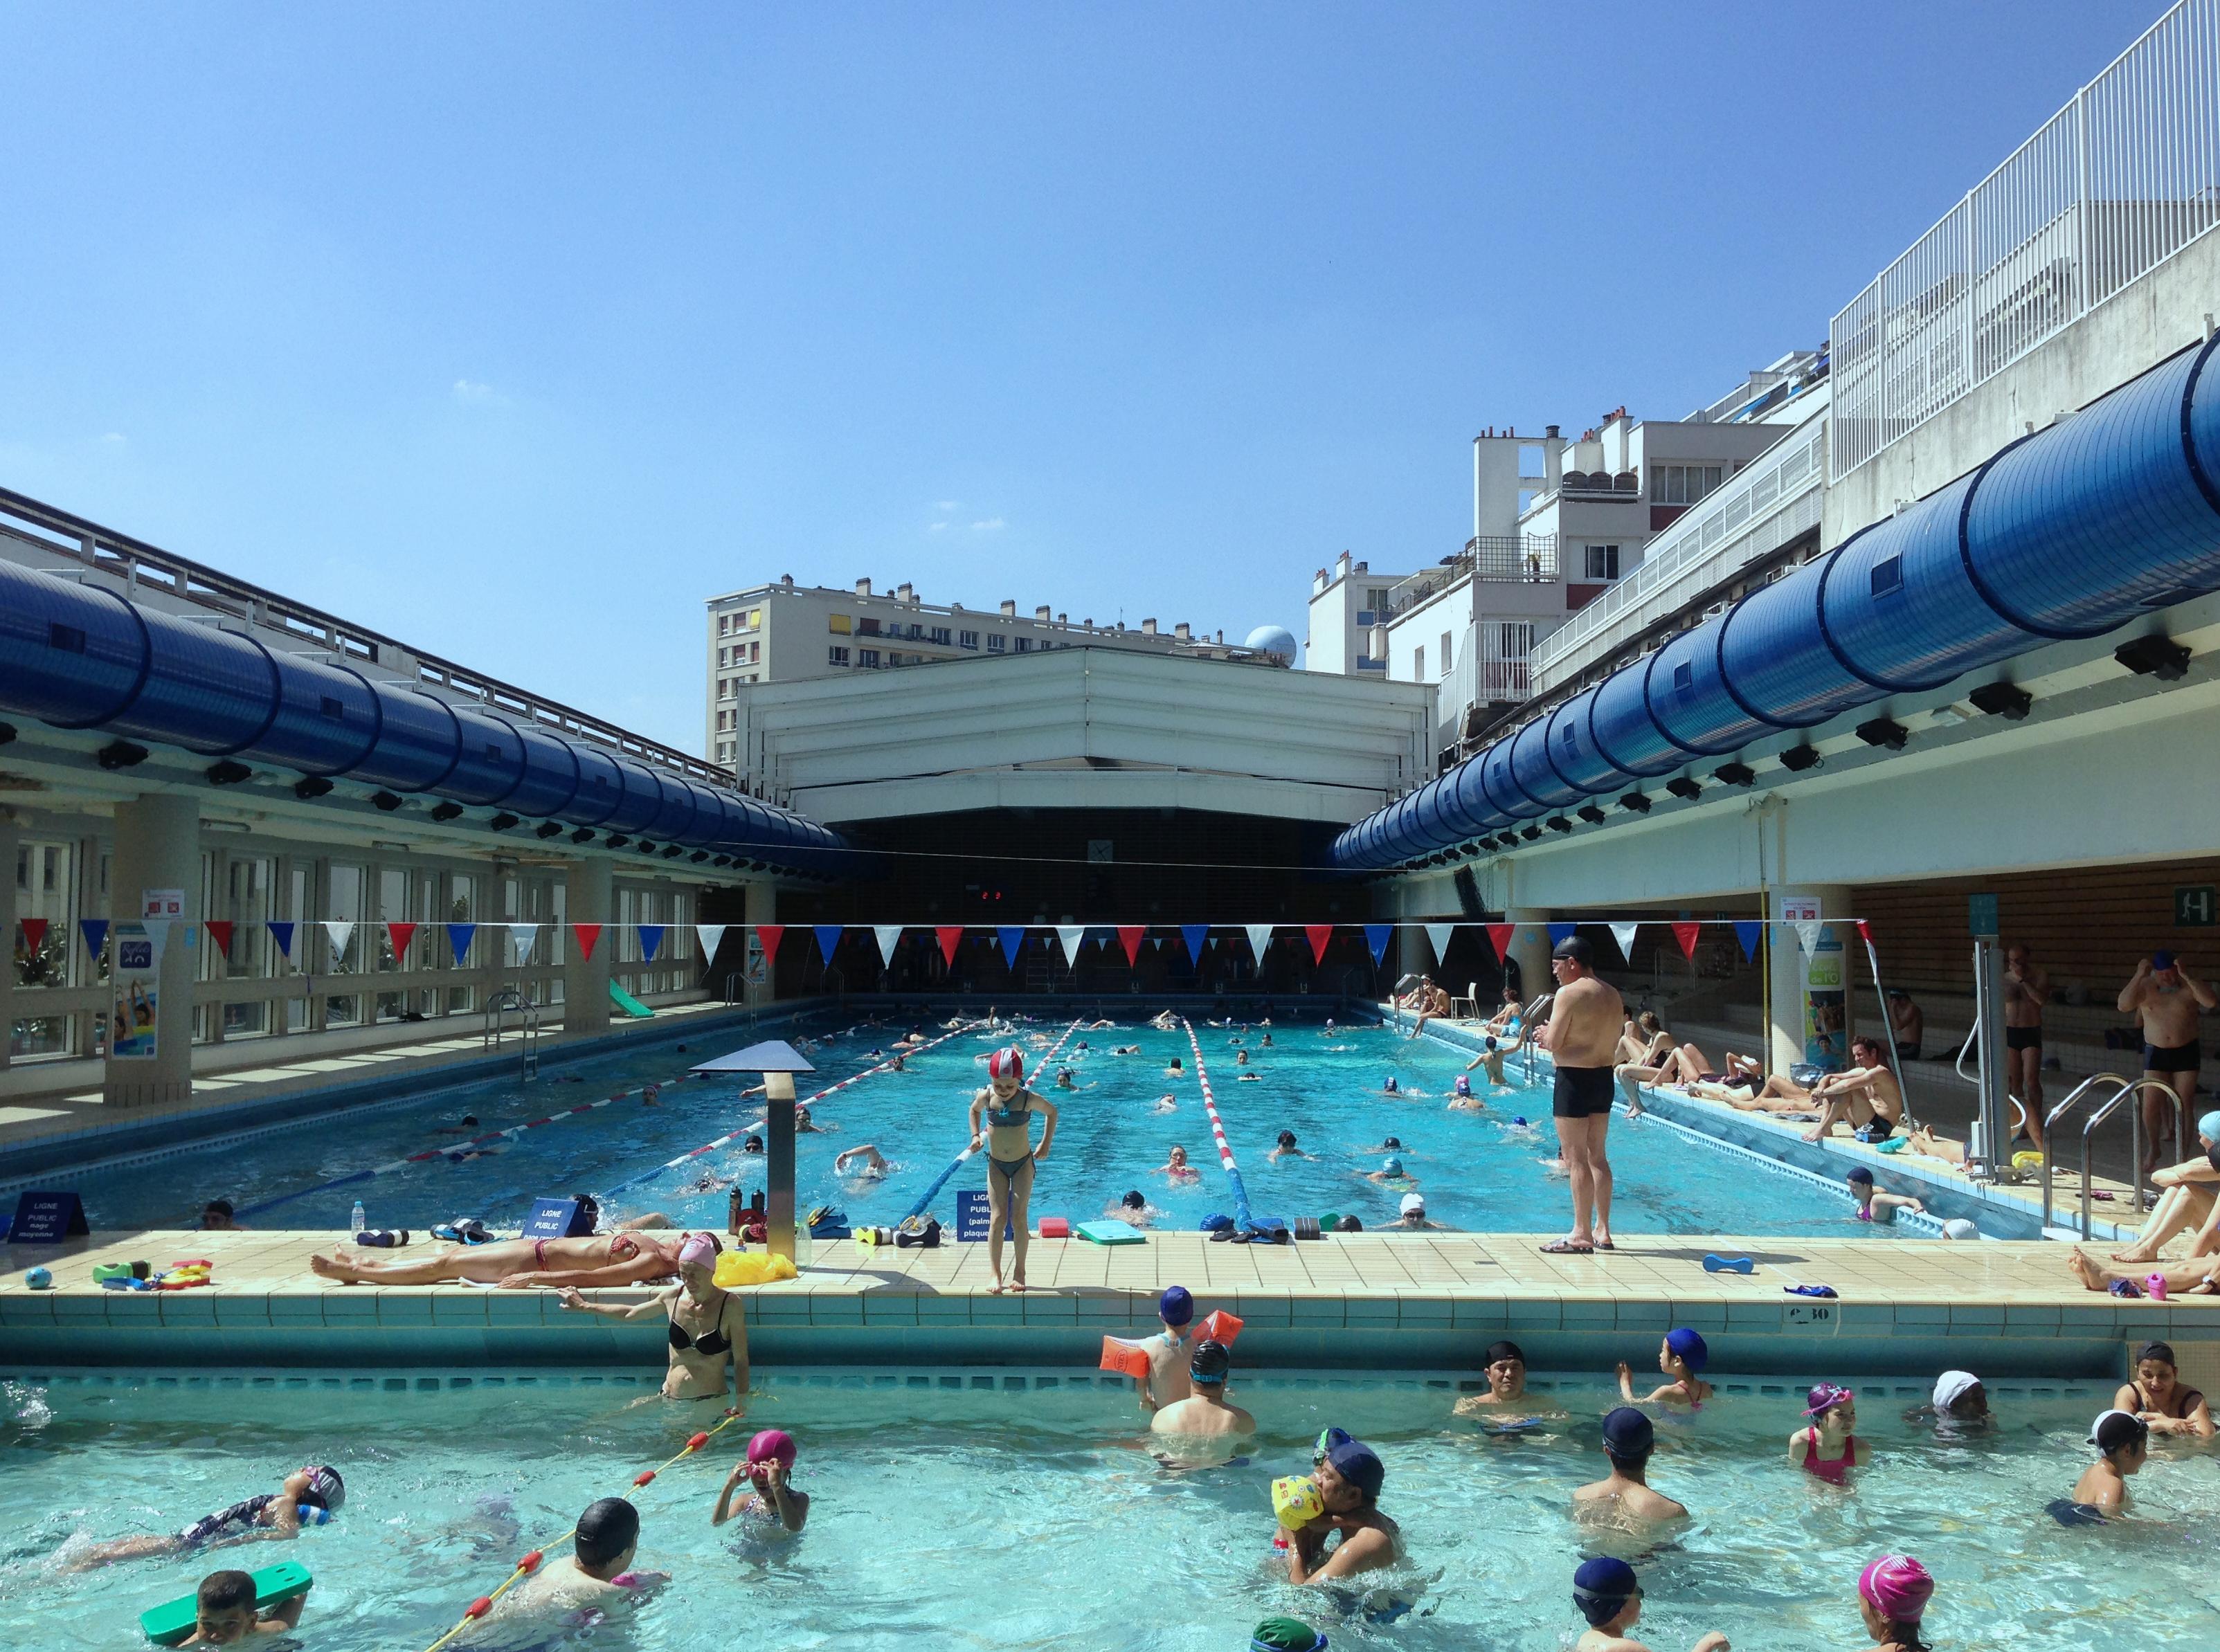 Hotel Avec Piscine Aix Les Bains